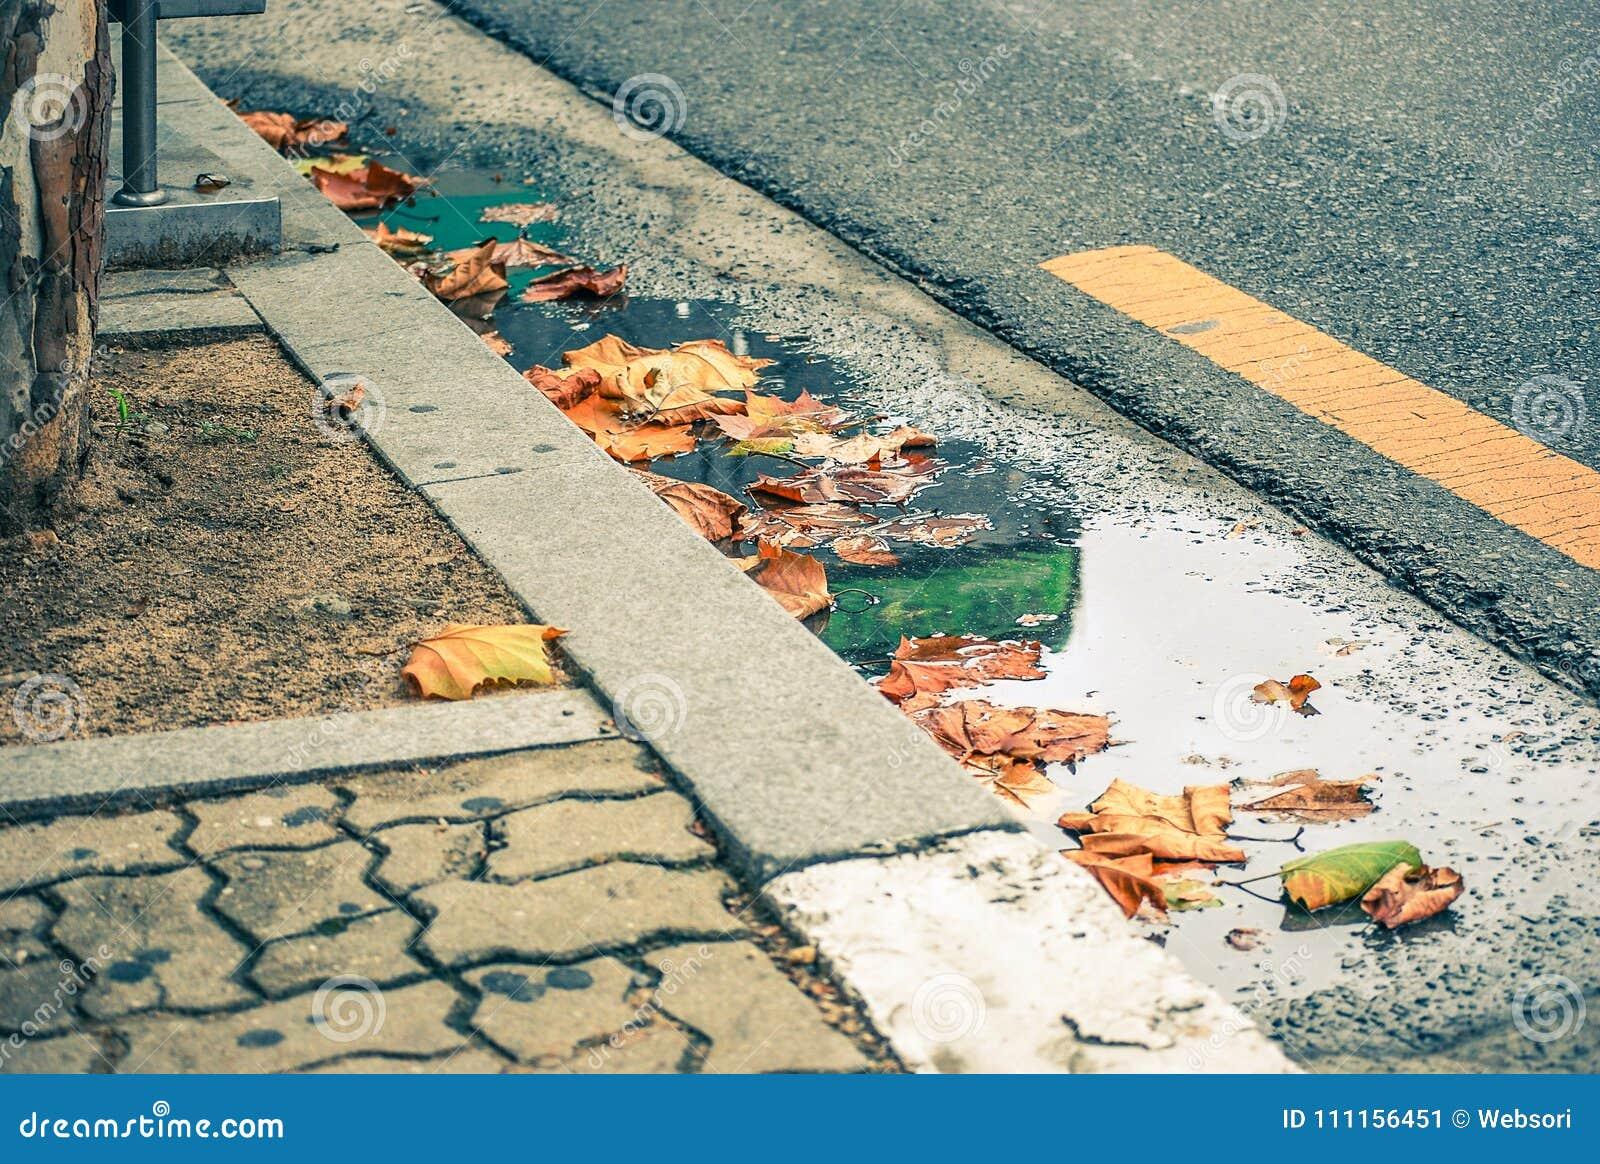 Nedgångsidor i vägen och trottoaren